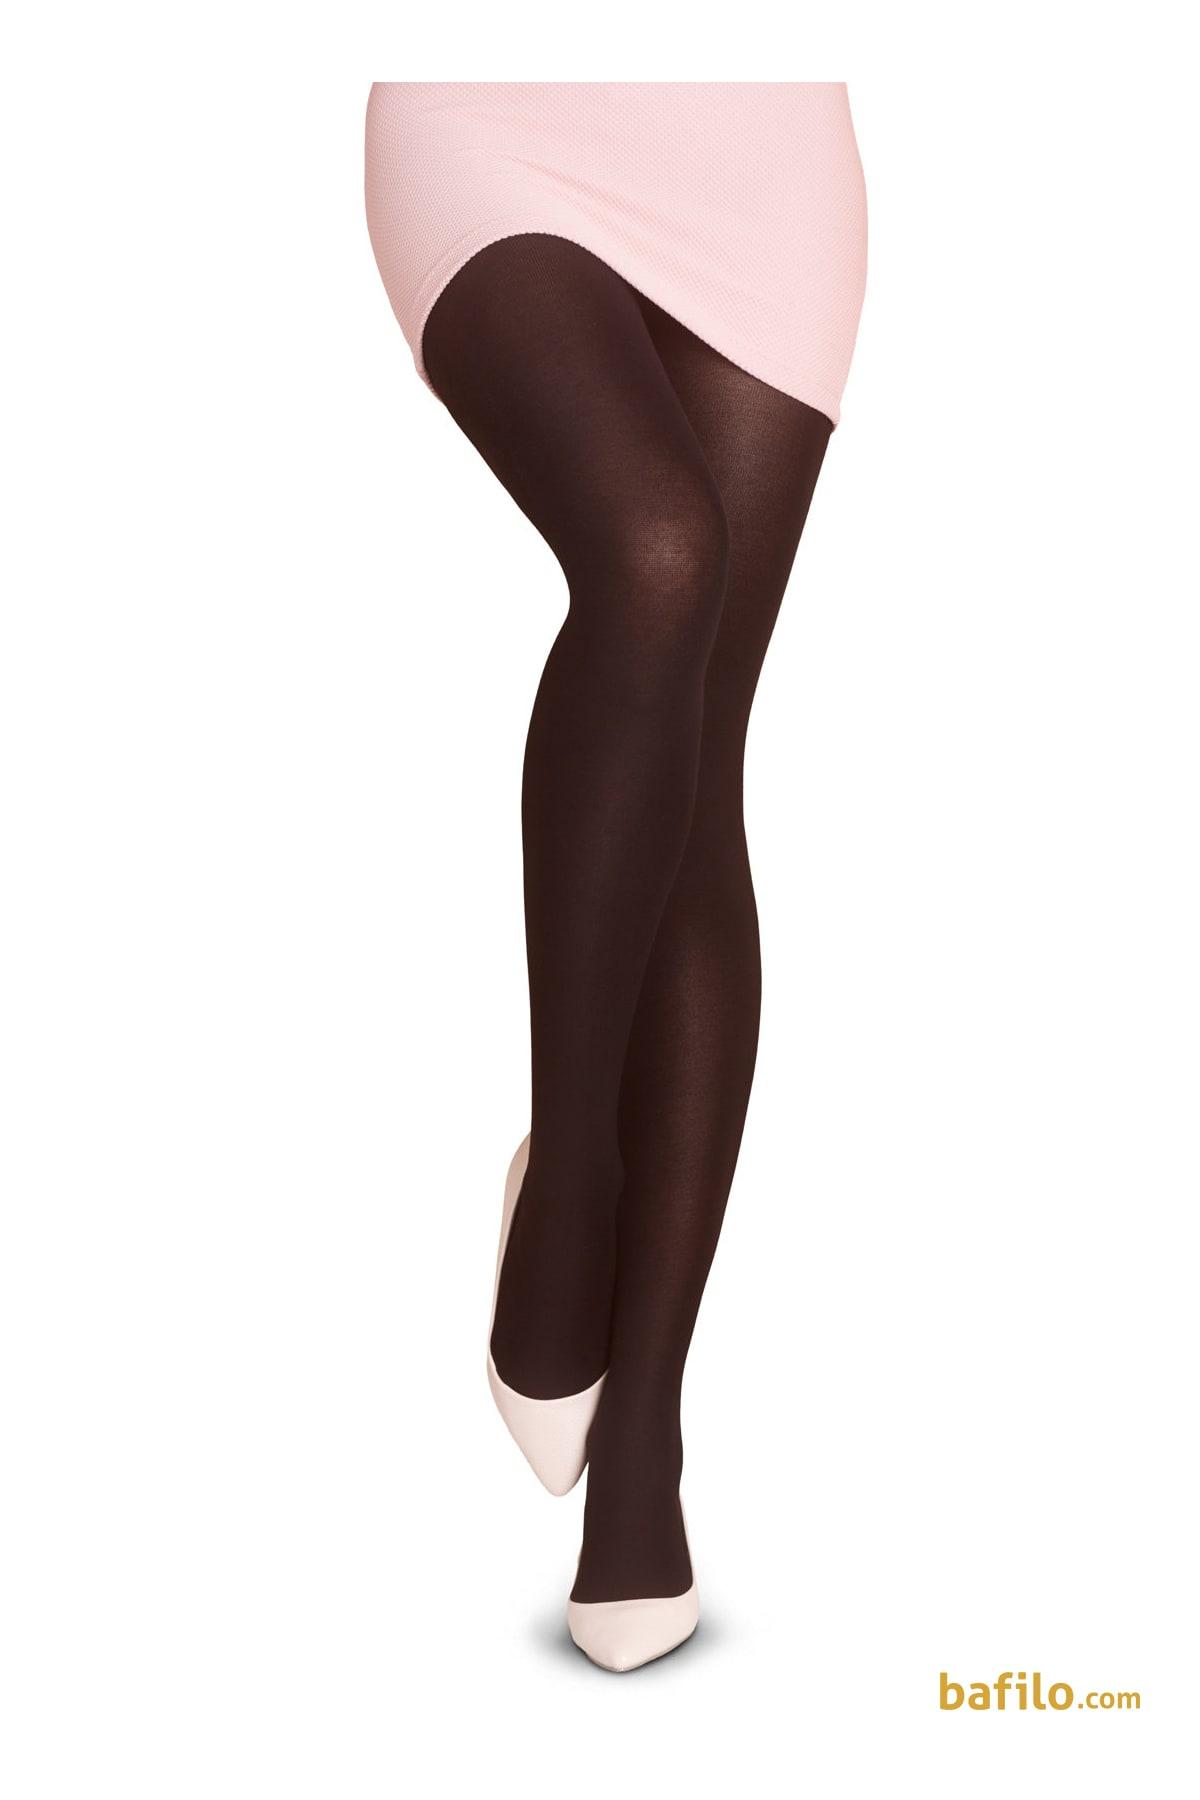 پنتی | Penti - جوراب شلواری ابریشم زنانه پنتی Ipek قهوه ای سوخته